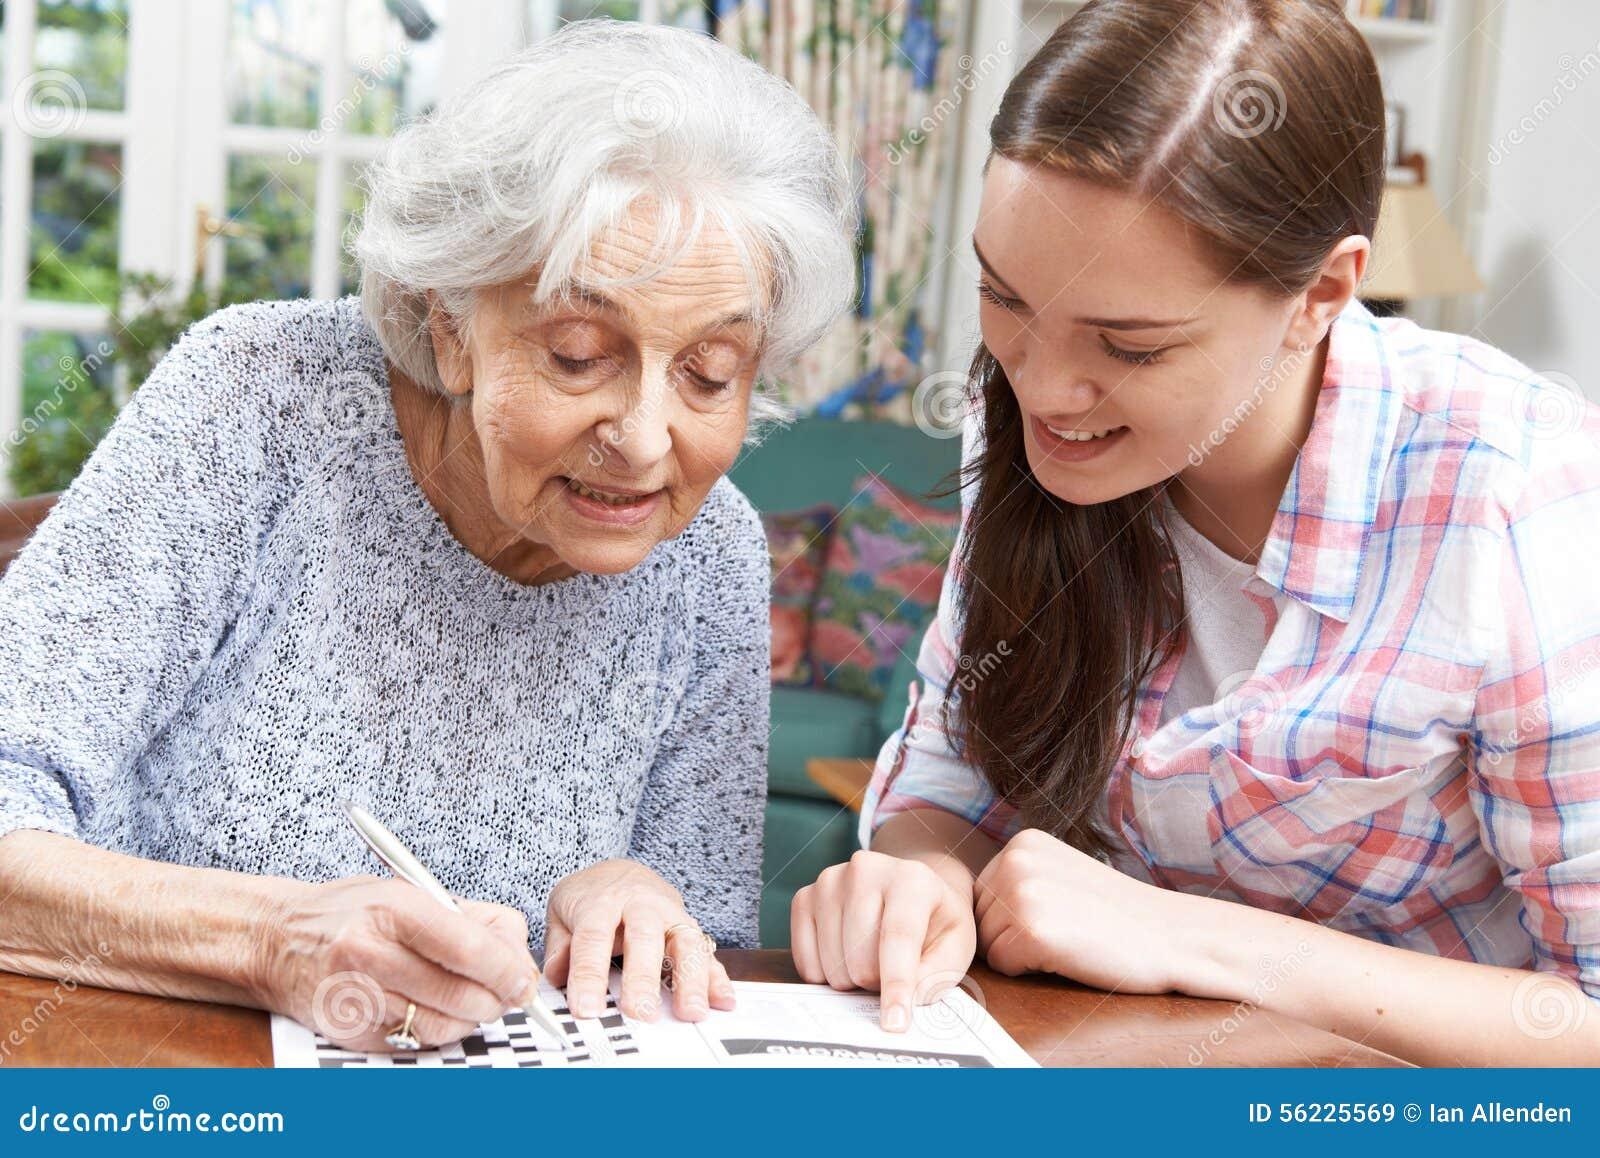 La abuela ayuda a nieto cum